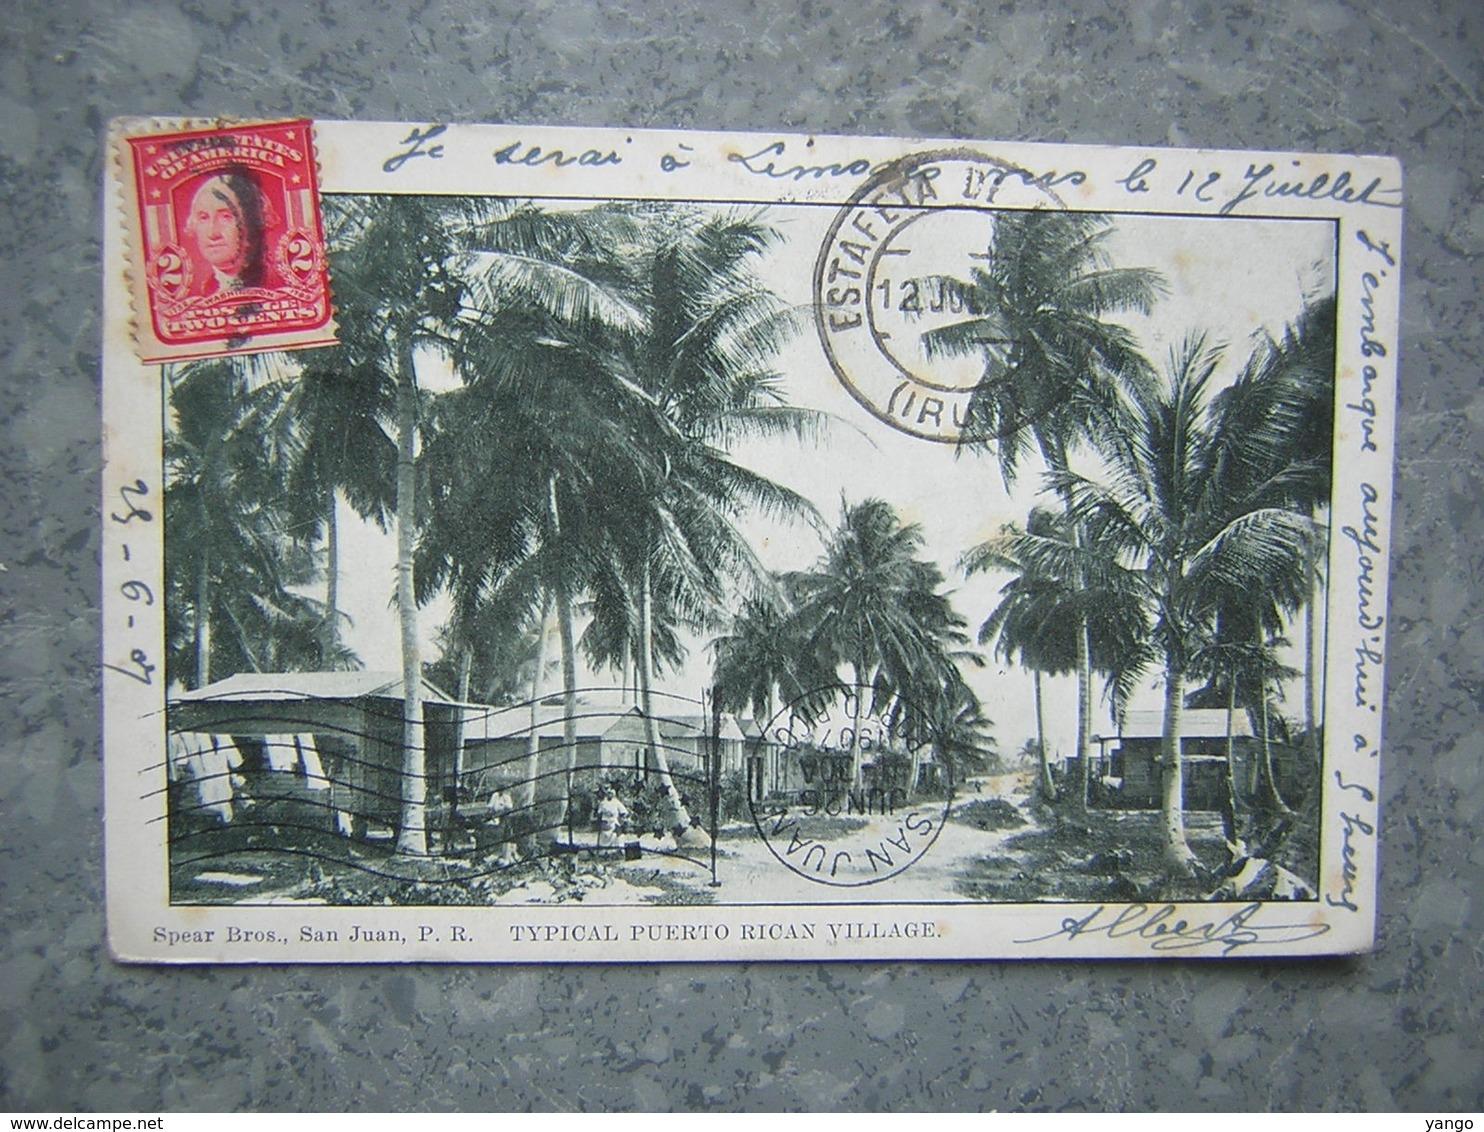 PUERTO RICO - SAN JUAN - TYPICAL PUERTO RICAN VILLAGE - Puerto Rico